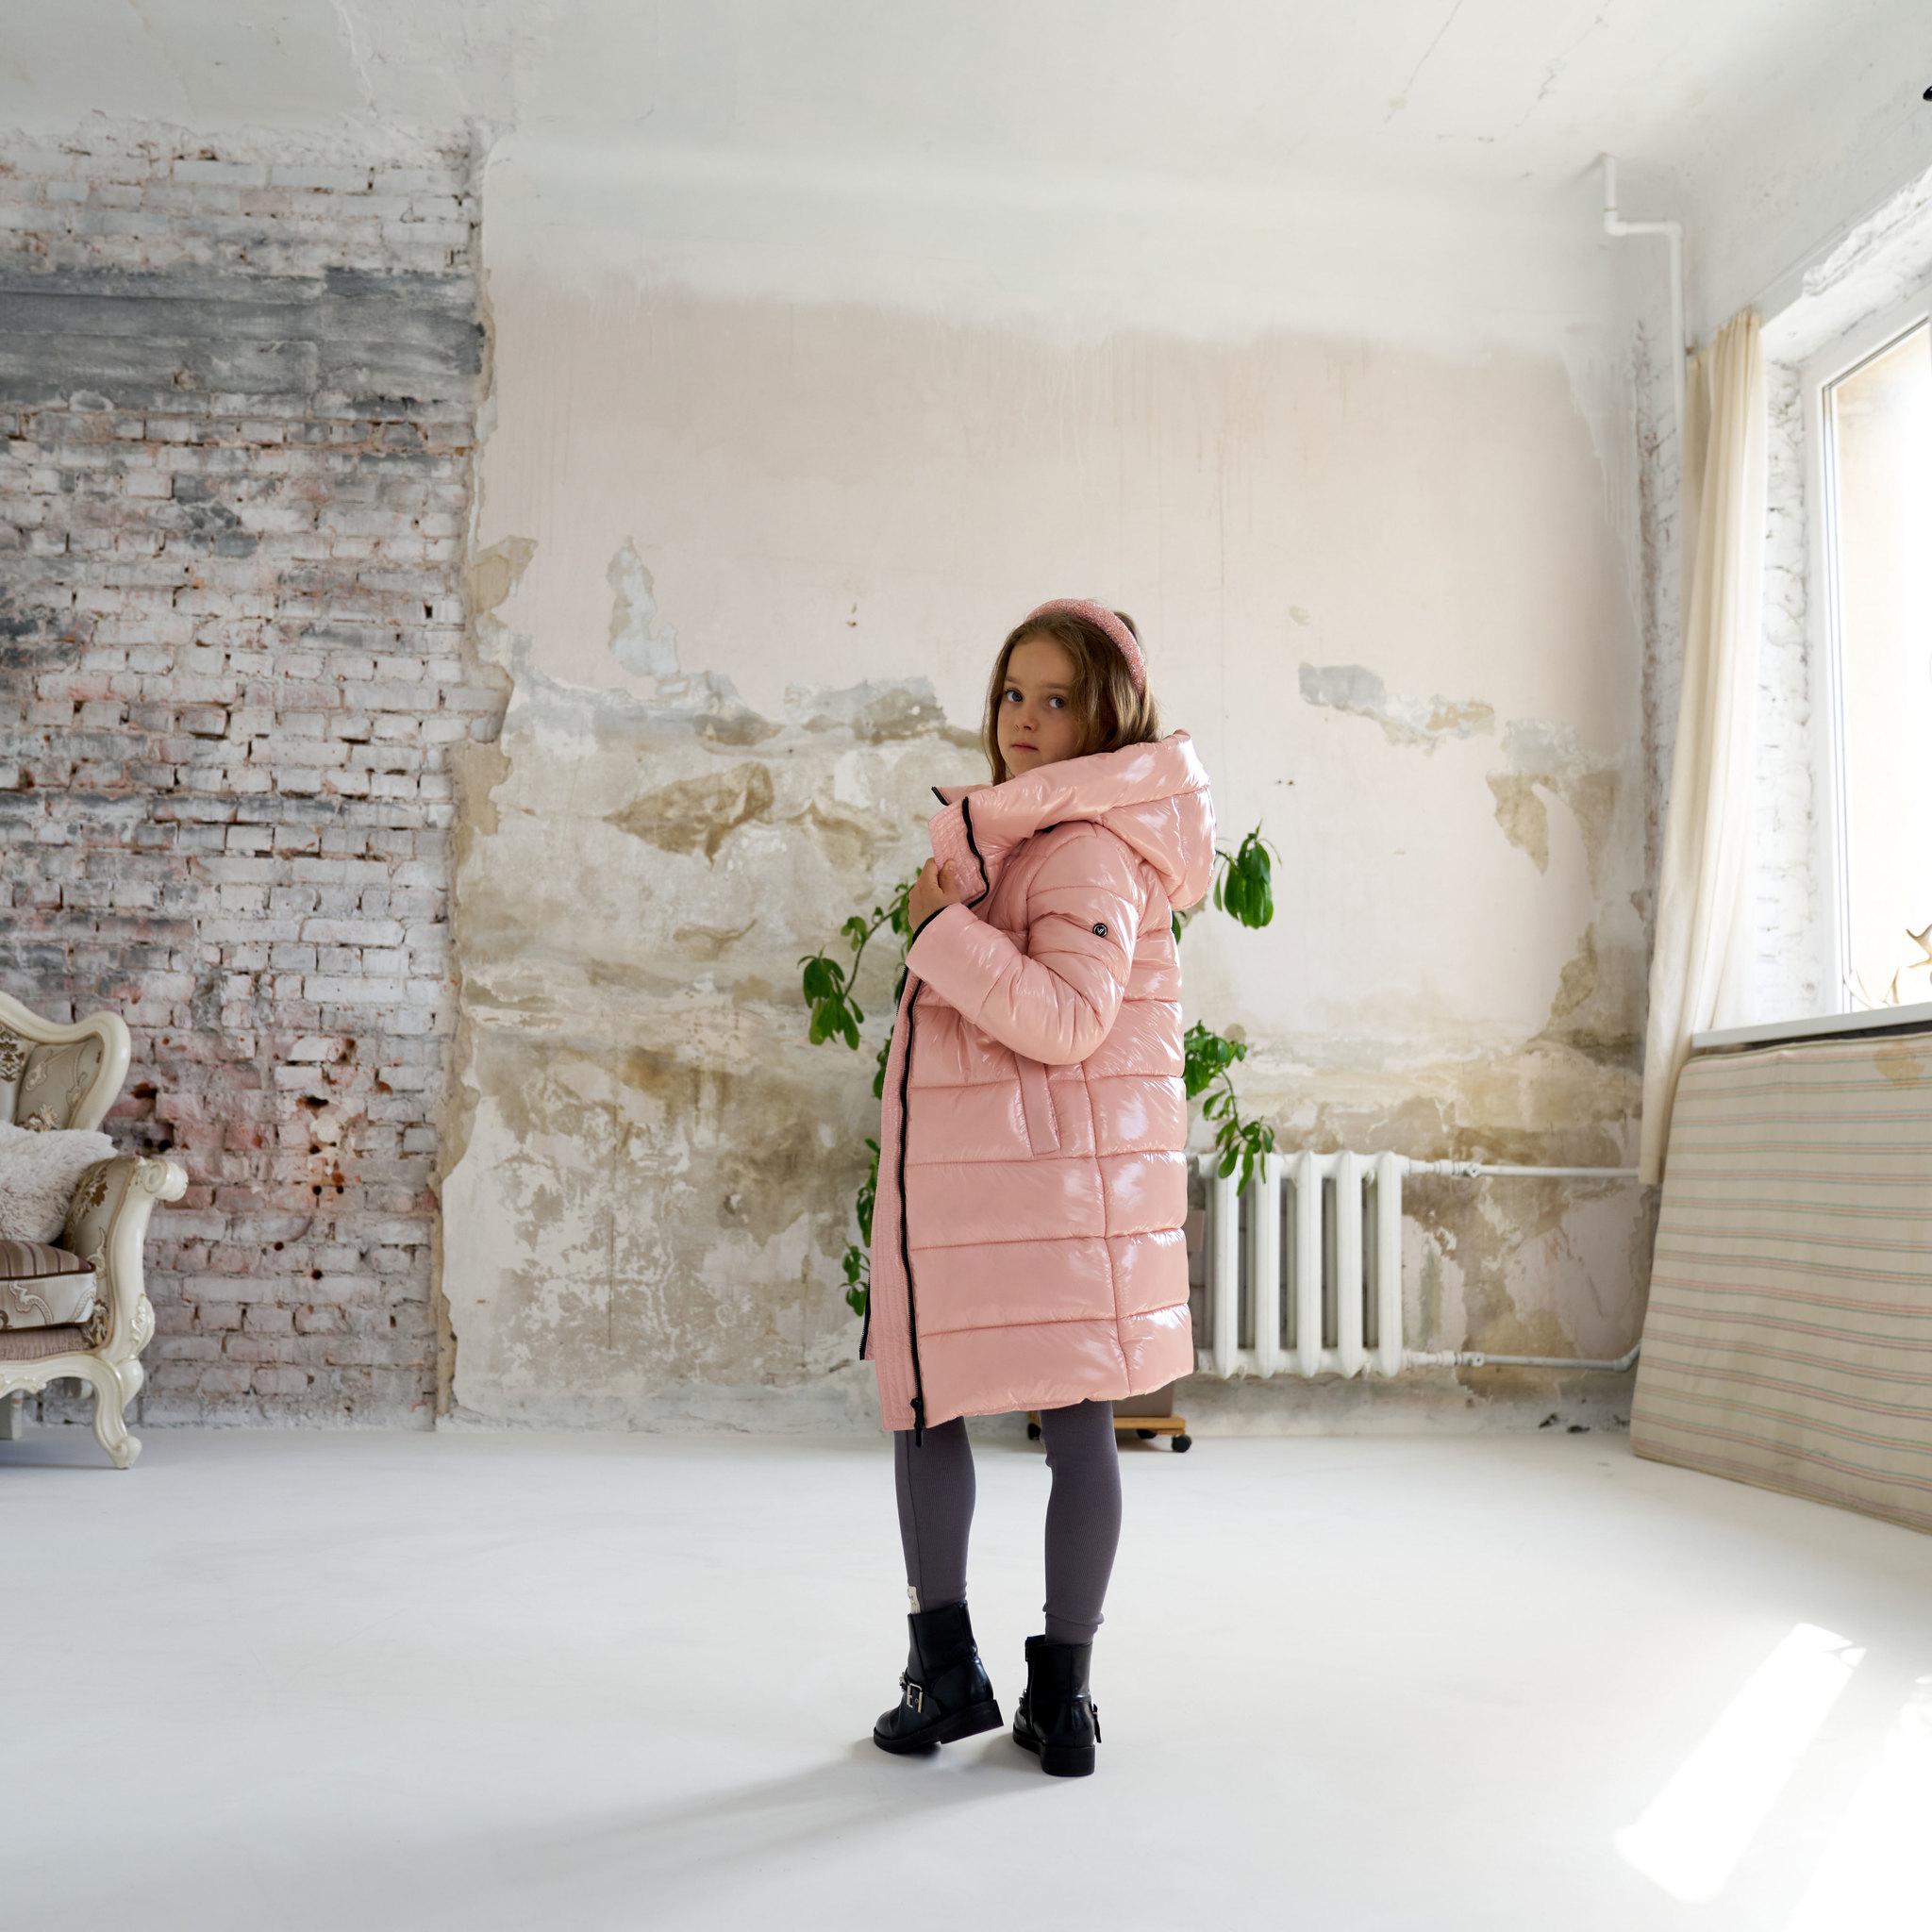 Детское, подростковое  зимнее пальто для девочки в розовом цвете